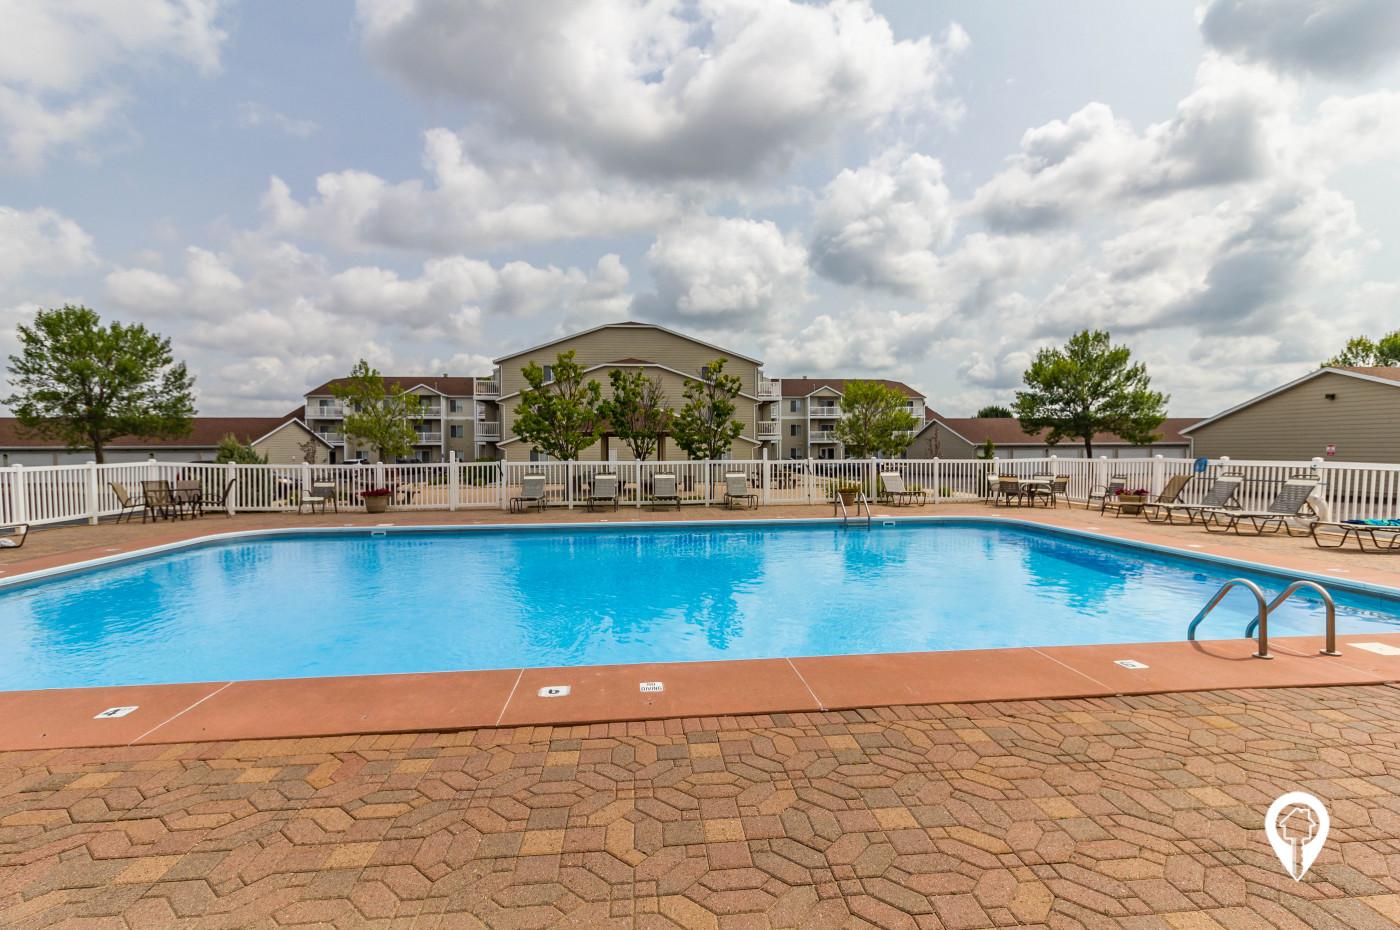 J & C Management - Lyncrest Manor Apartments